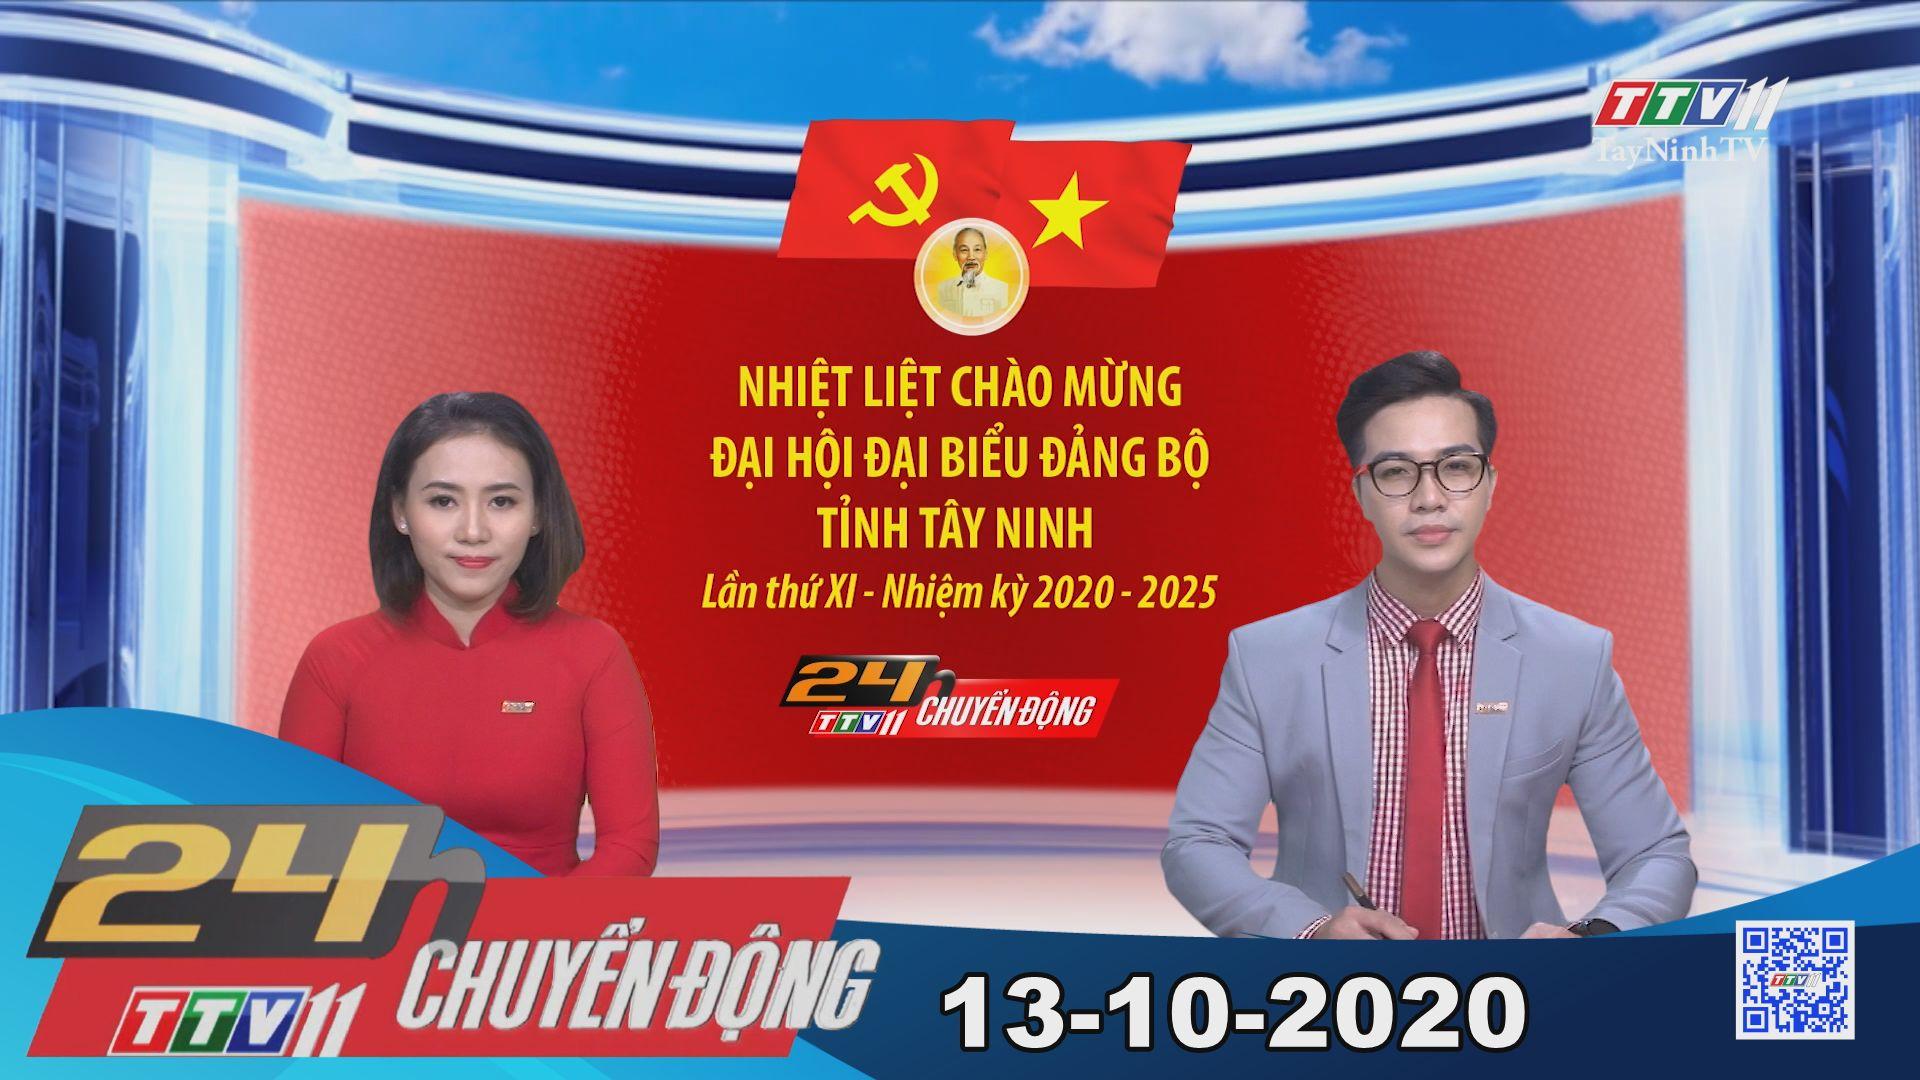 24h Chuyển động 13-10-2020 | Tin tức hôm nay | TayNinhTV